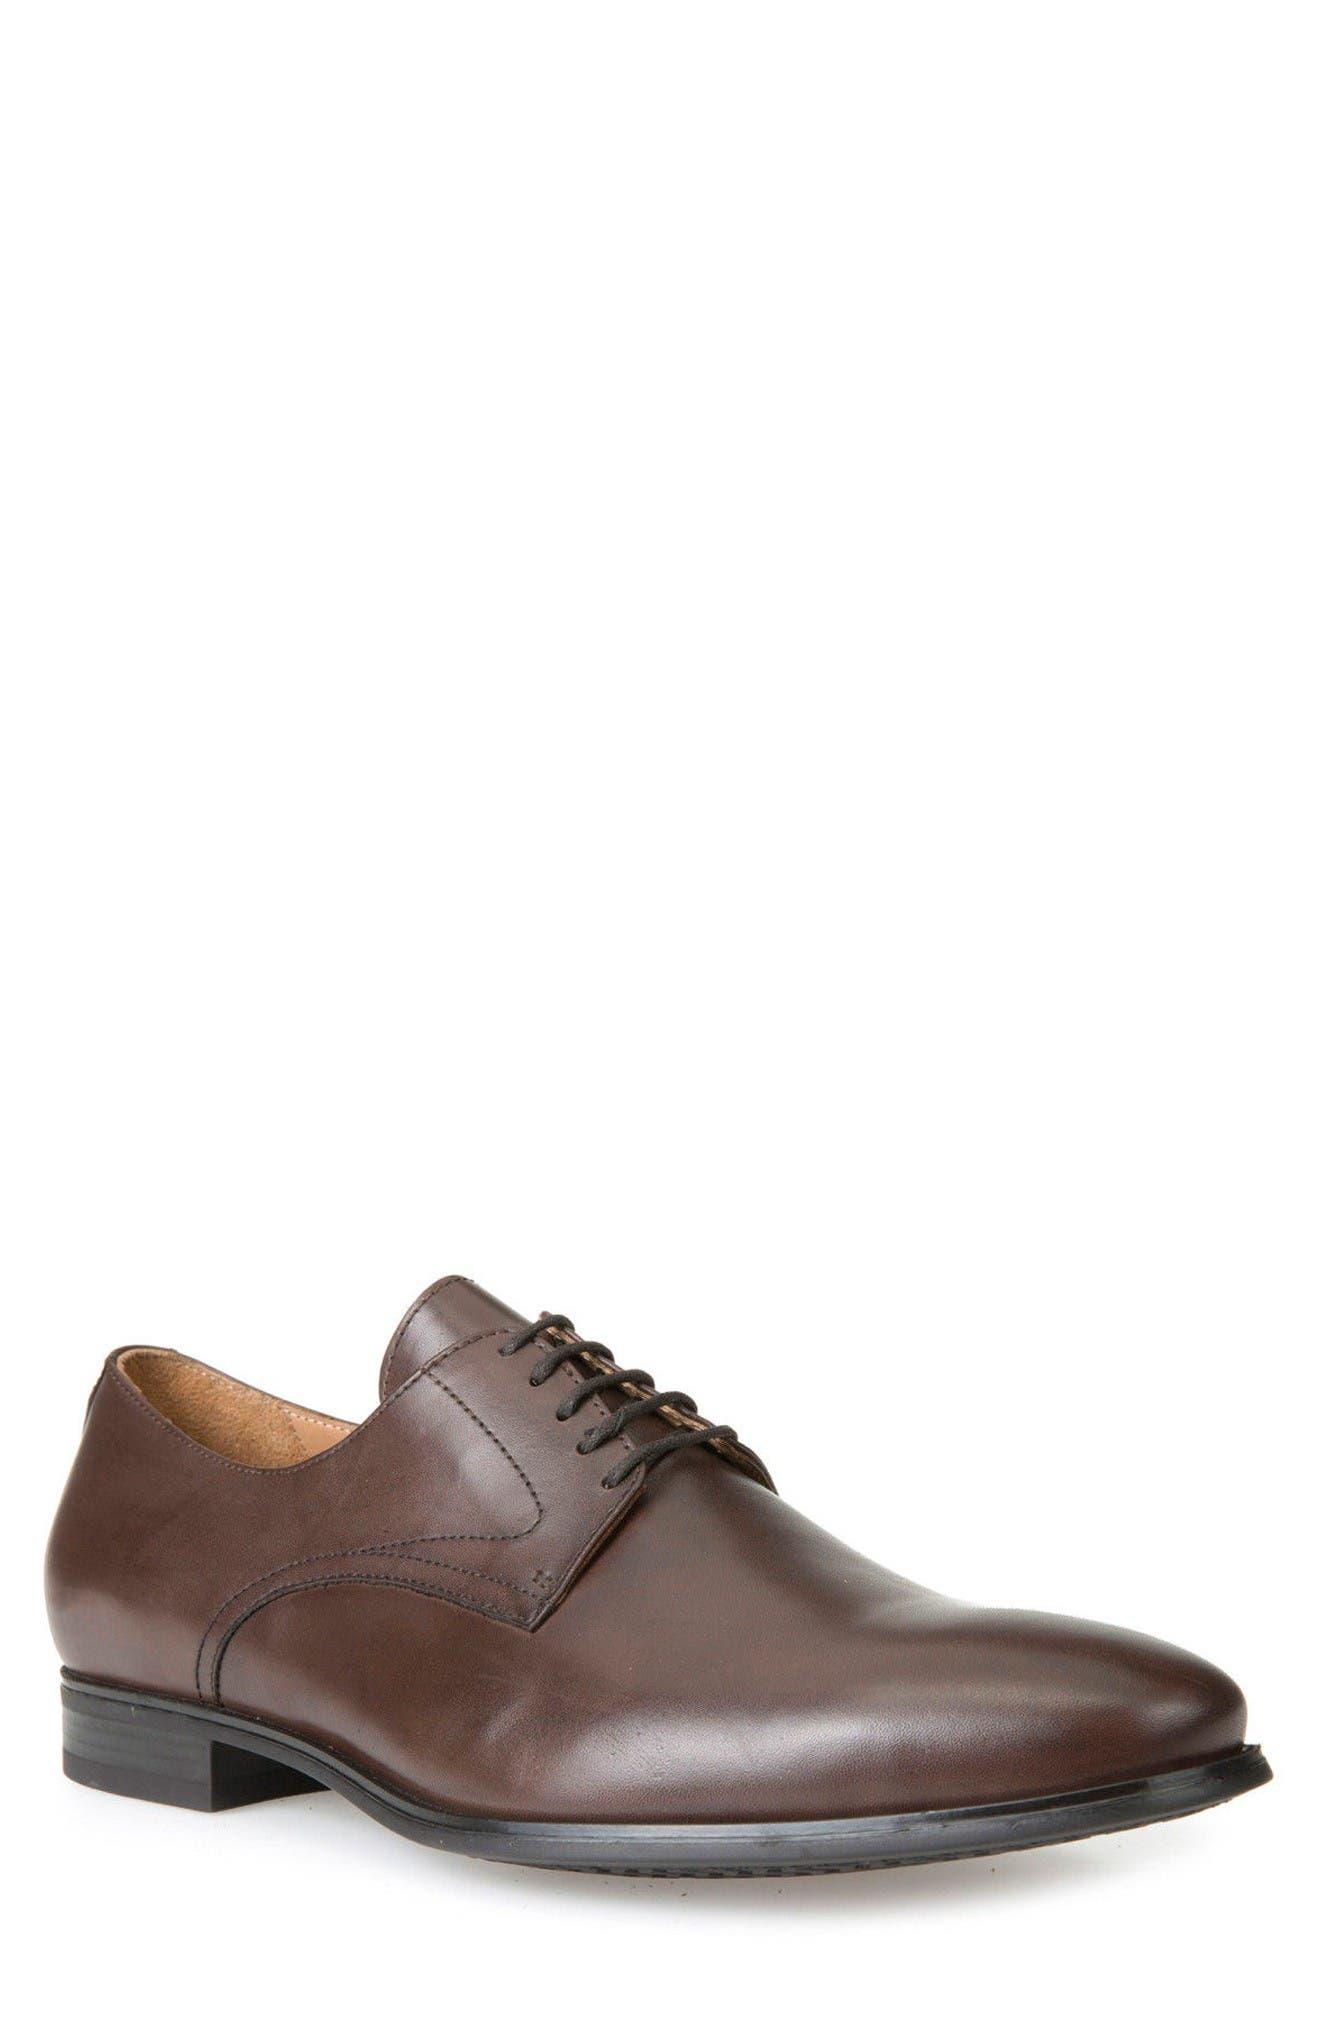 Geox Albert 2Fit5 Plain Toe Derby (Men)